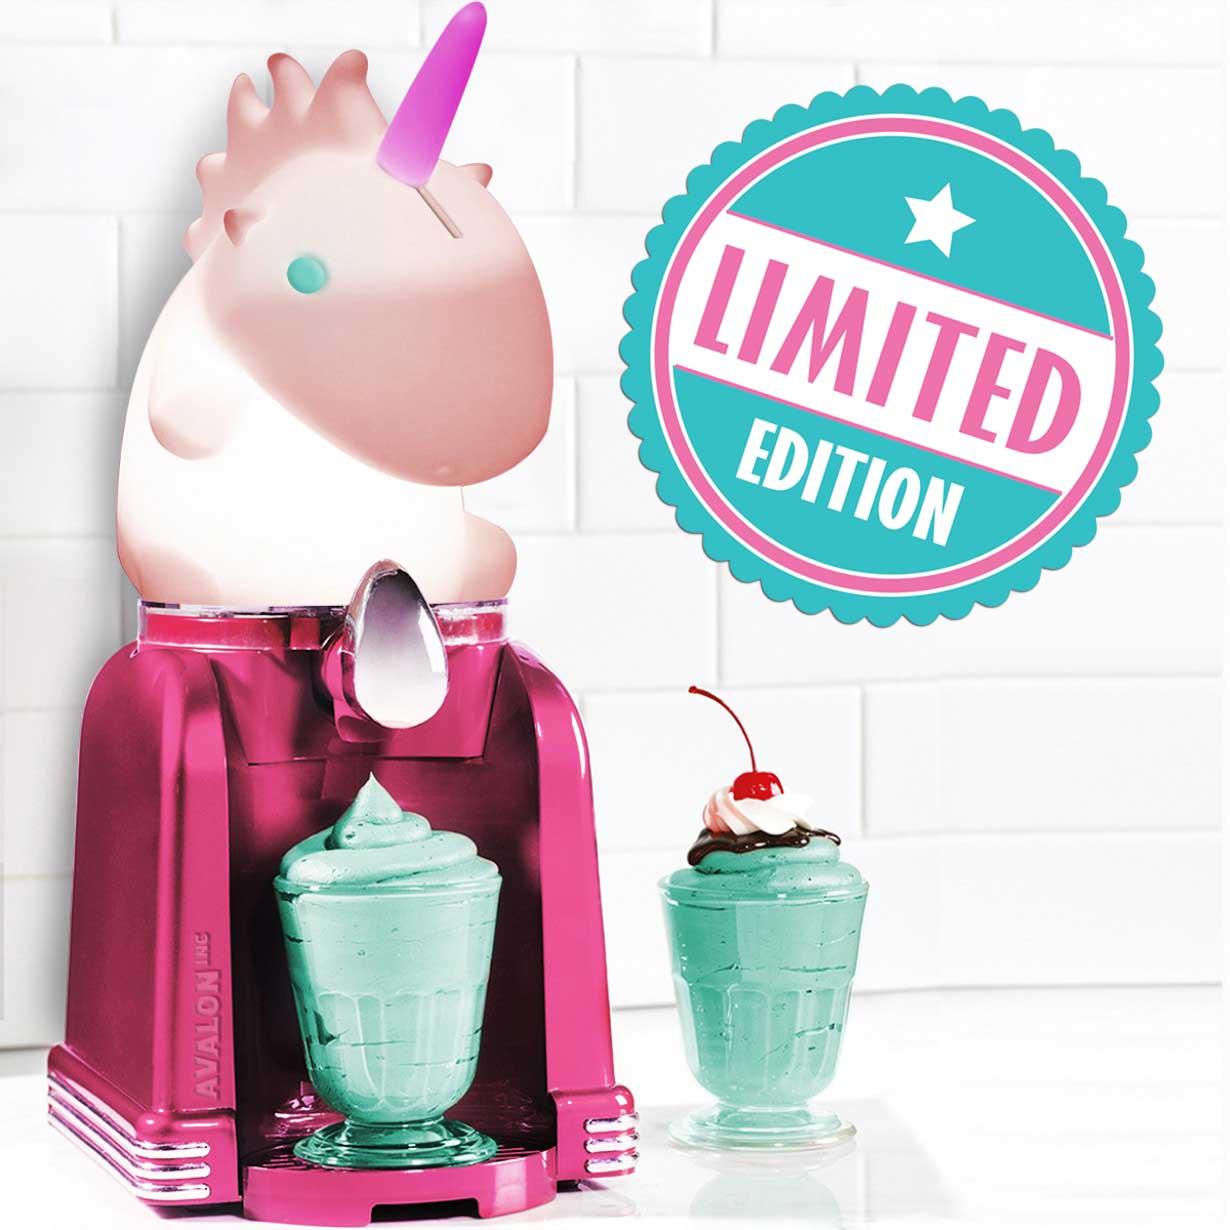 Machine glace en forme de licorne sur cadeauxfolies - Machine a glace italienne maison ...